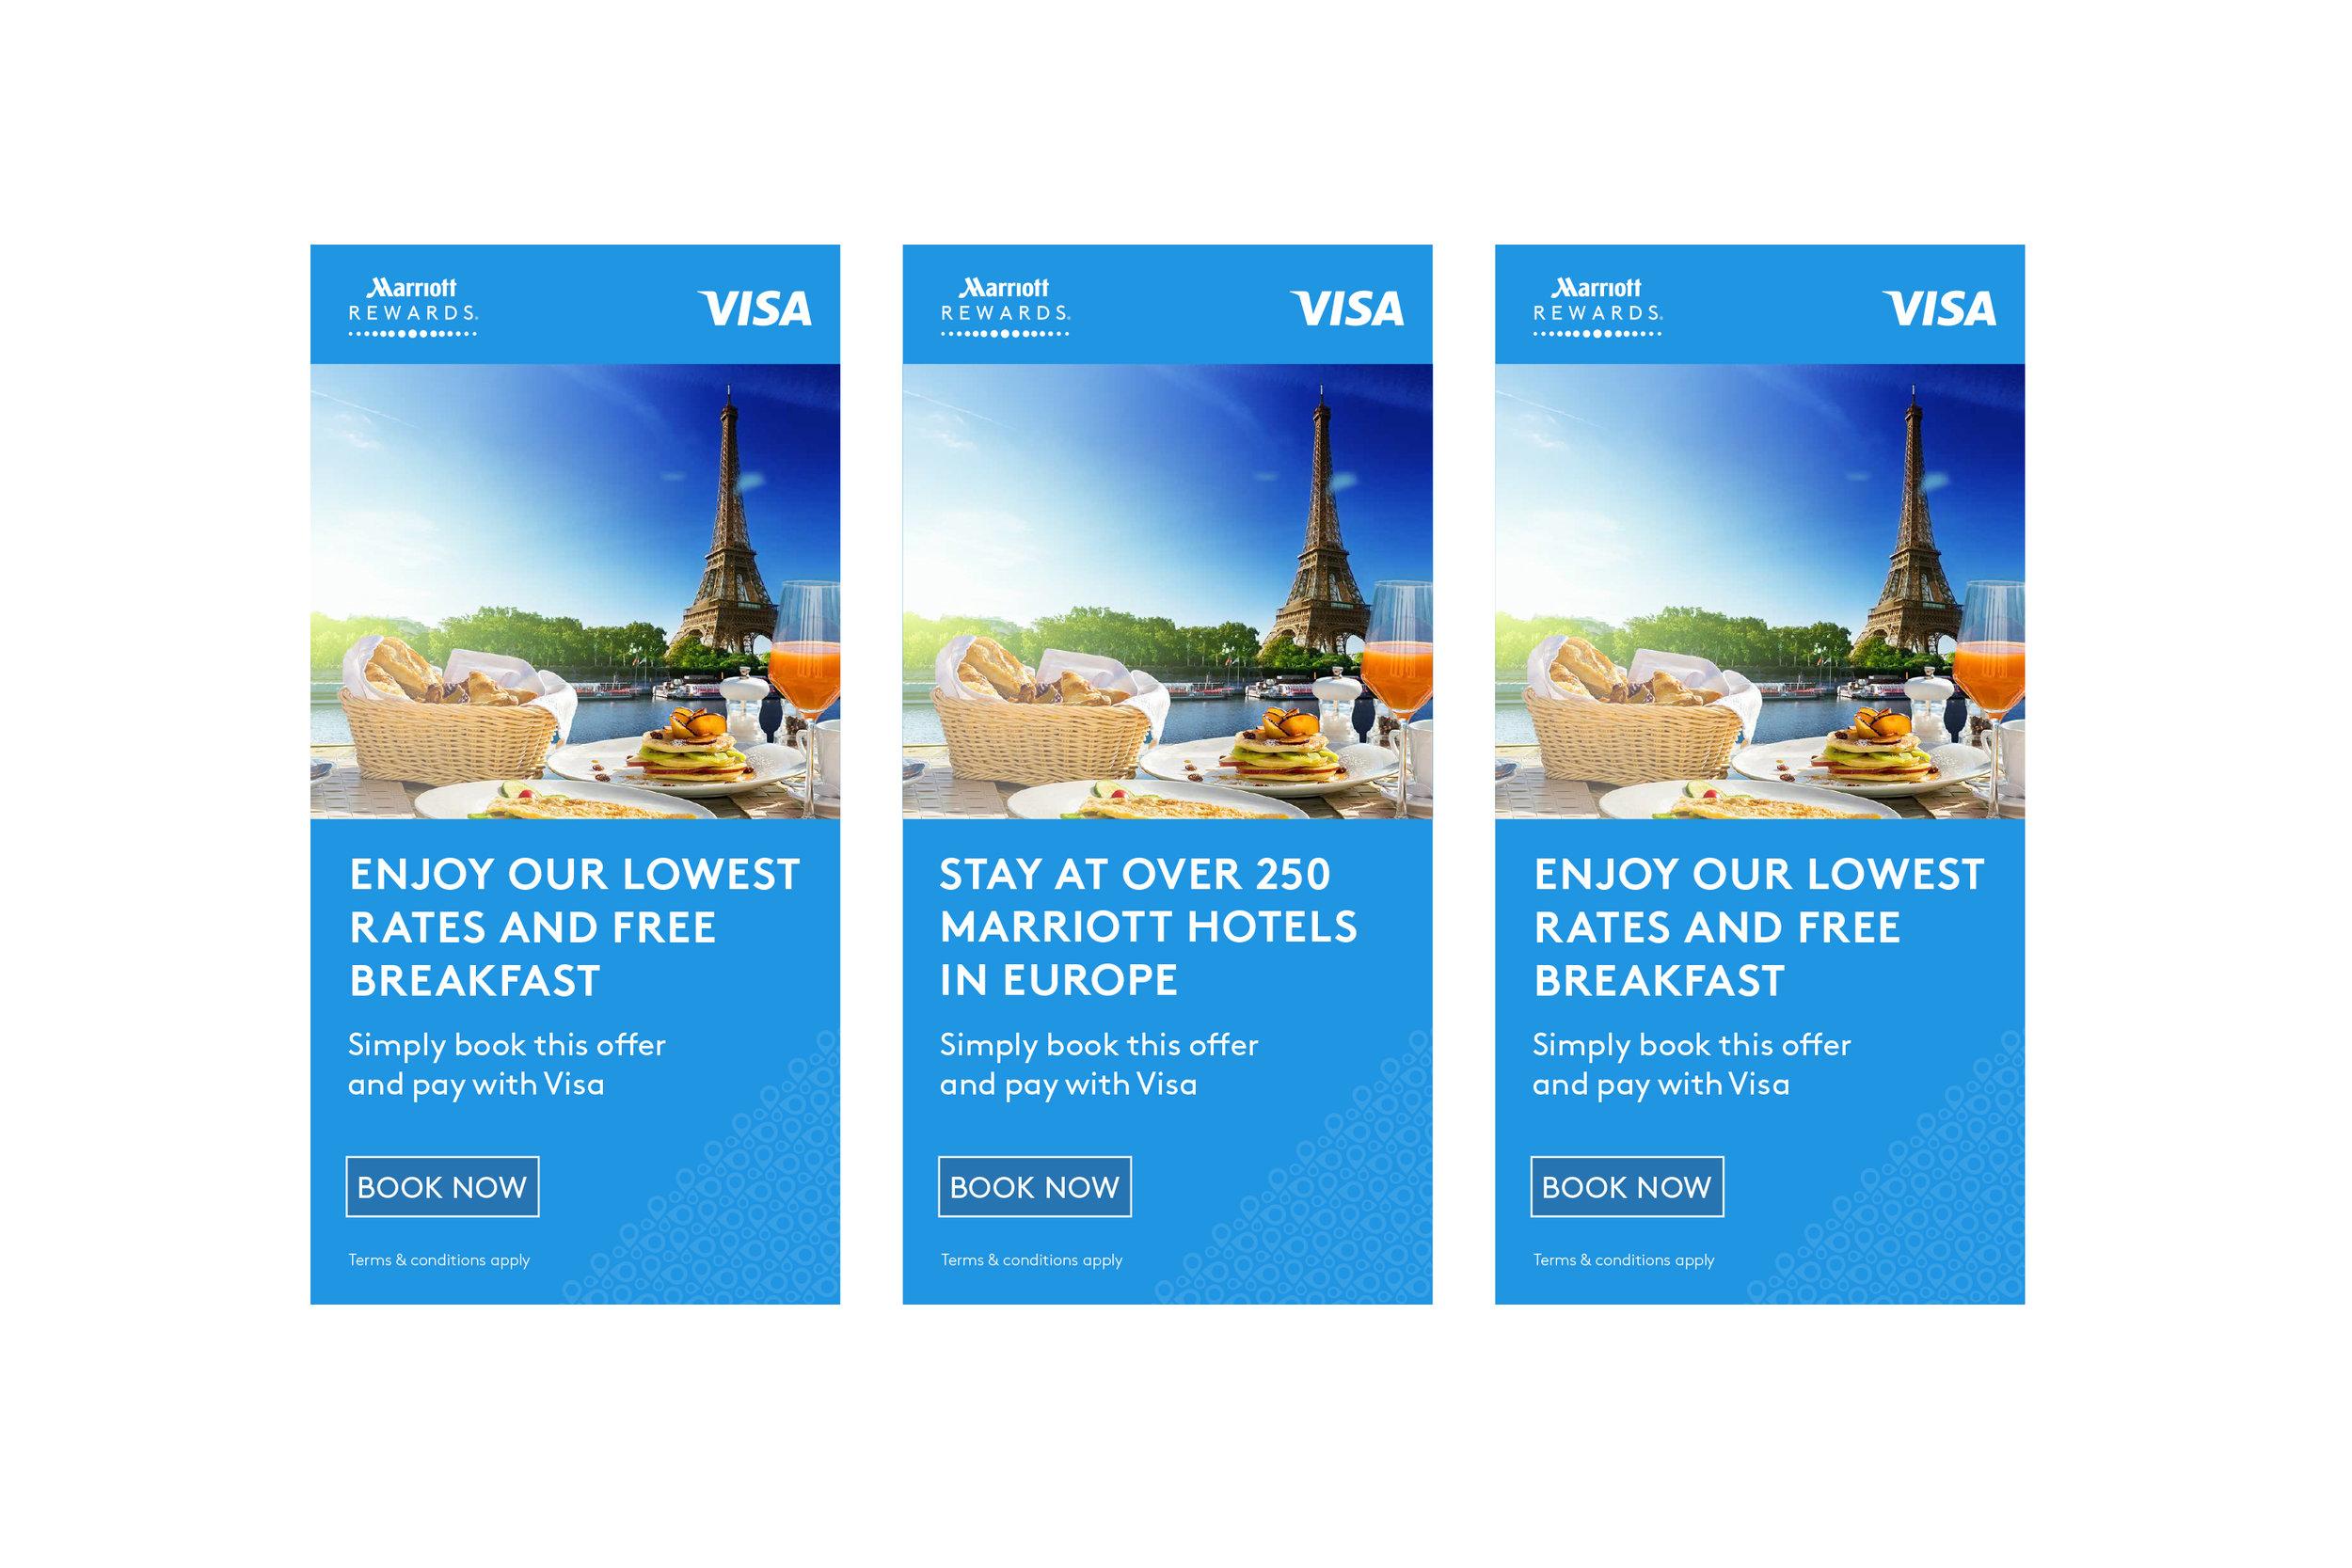 300x600 breakfast banners.jpg